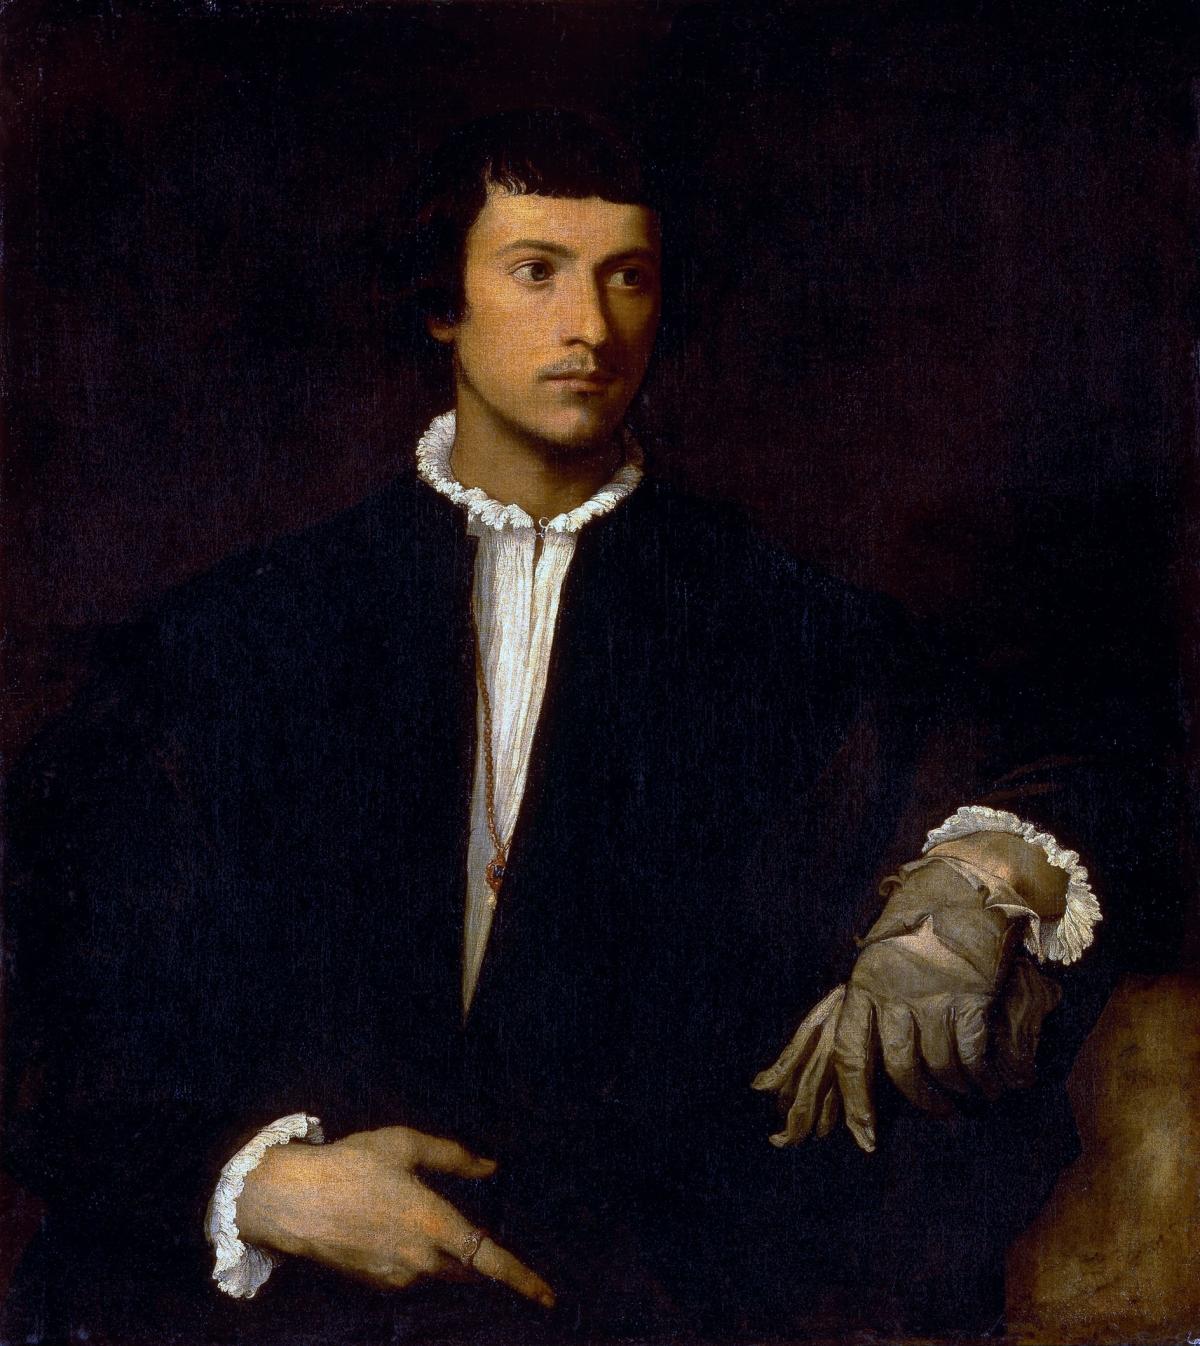 L'Homme au gant tableau peint par Le Titien